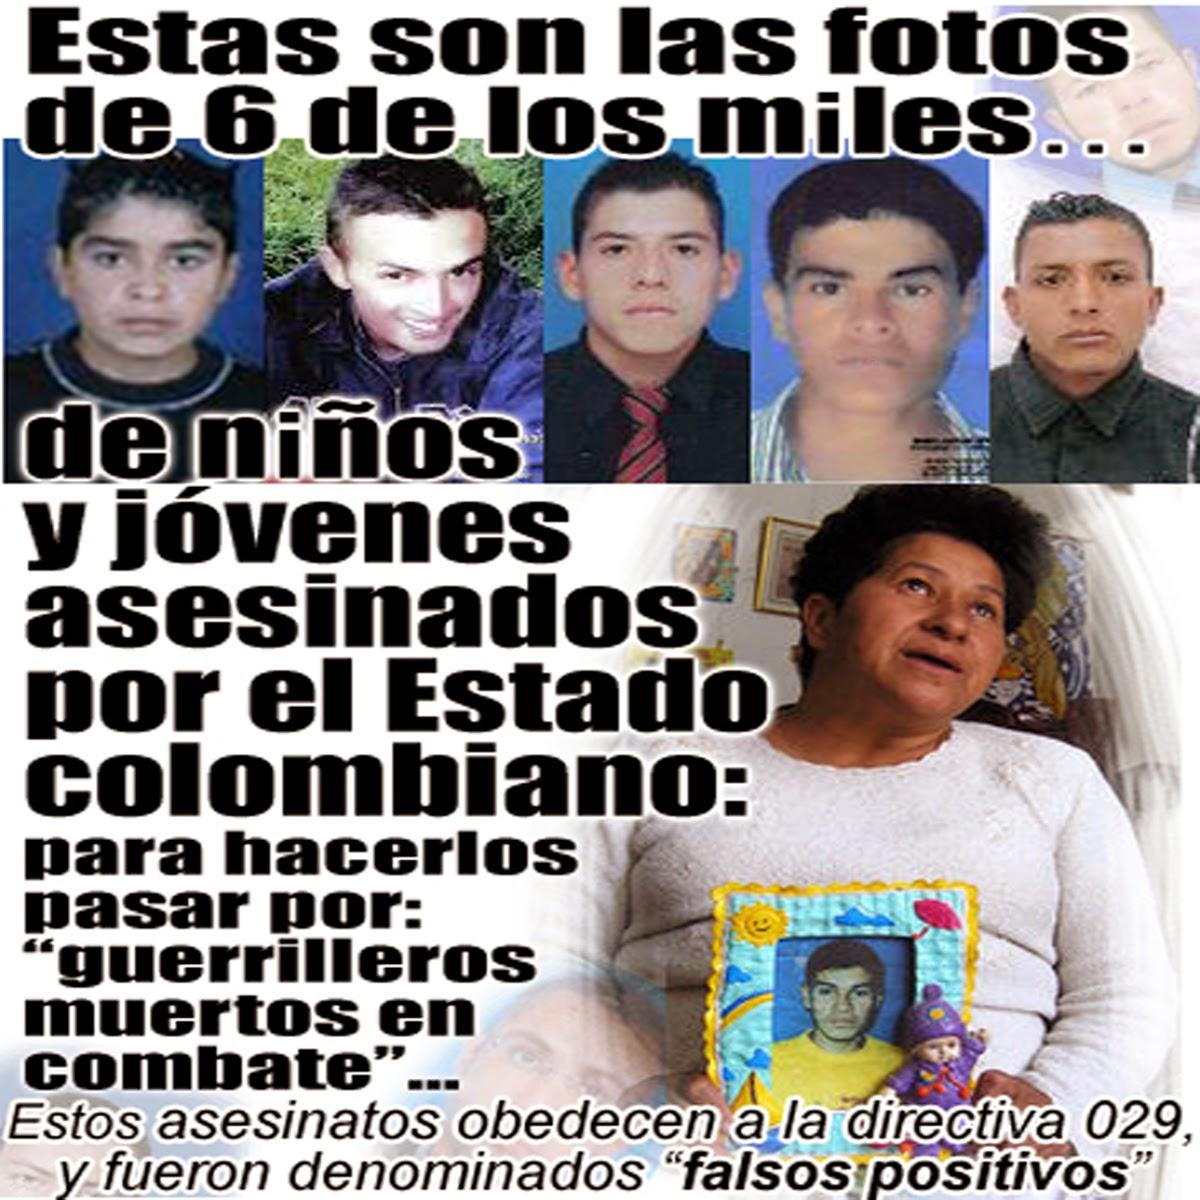 """Persiste la política de estado de los """"falsos positivos"""" en Colombia - (con VIDEO teleSUR)"""